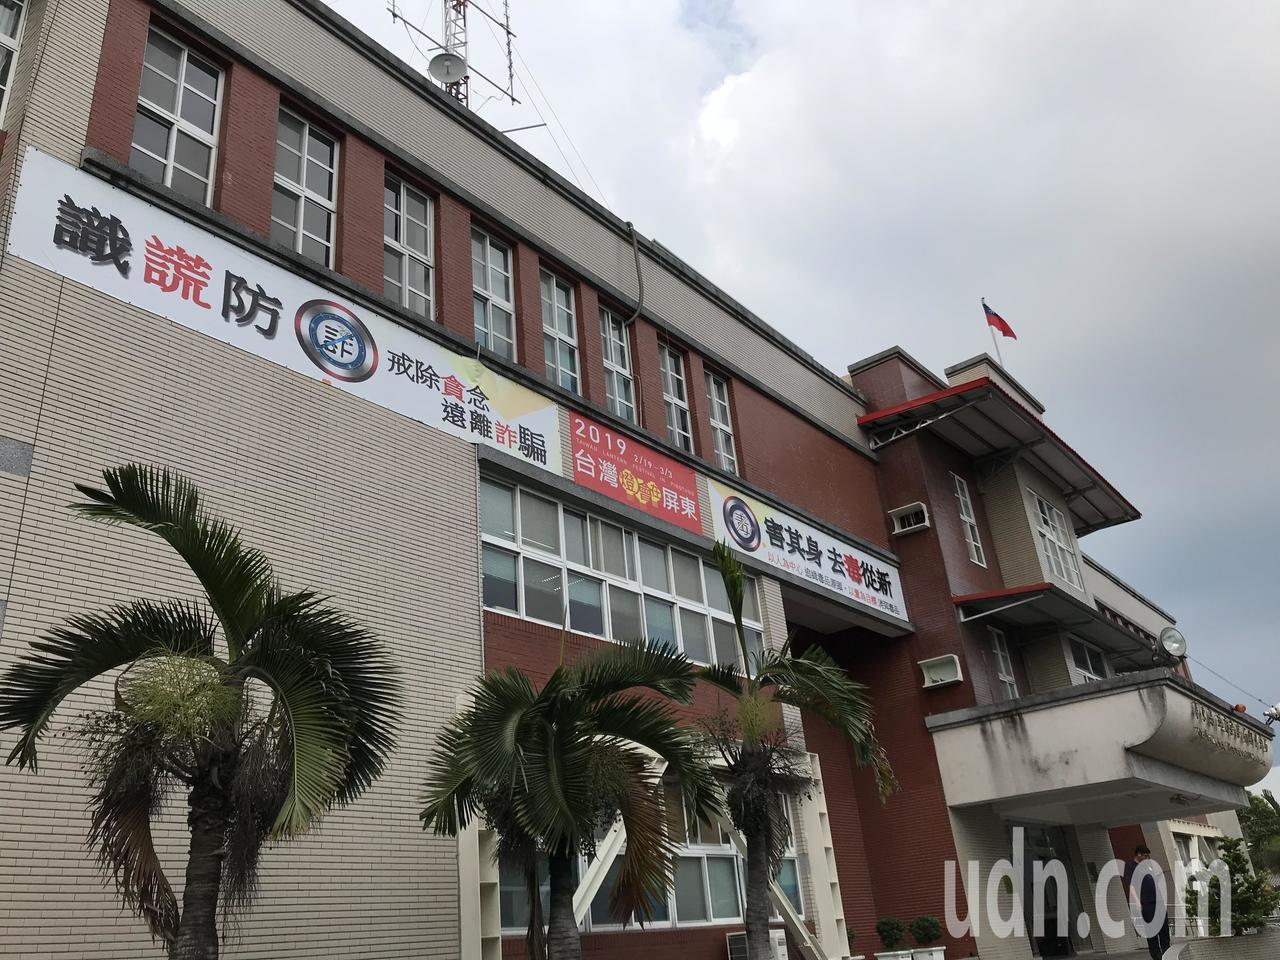 潮州警分局門口一直有自行懸掛的宣導海報布條。記者蔣繼平╱攝影